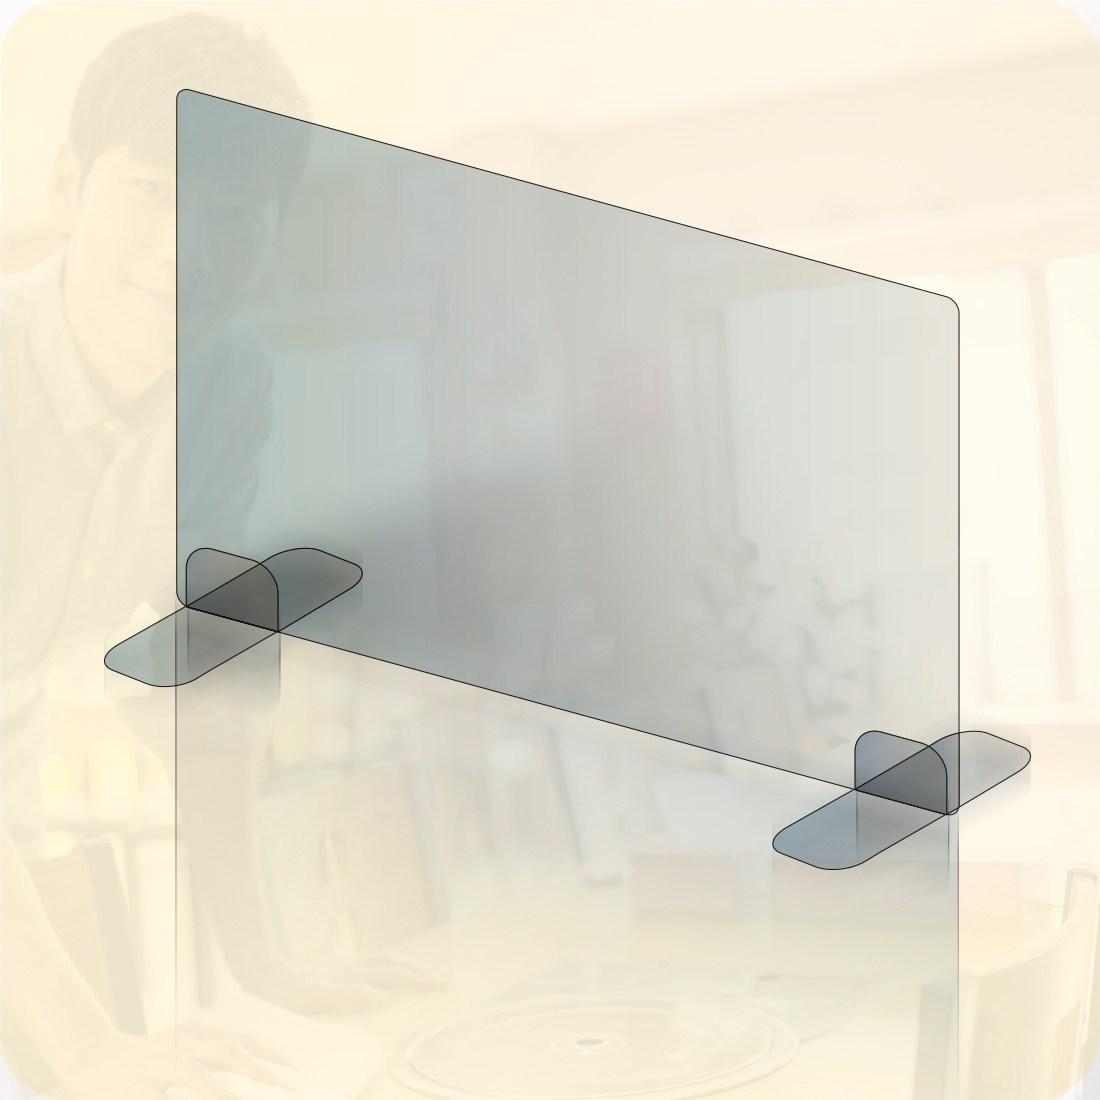 투명 아크릴 식당 학교 도서관 관공서 카페 가림막 칸막이, 2인용 대형(60x60cm)+L자형받침대